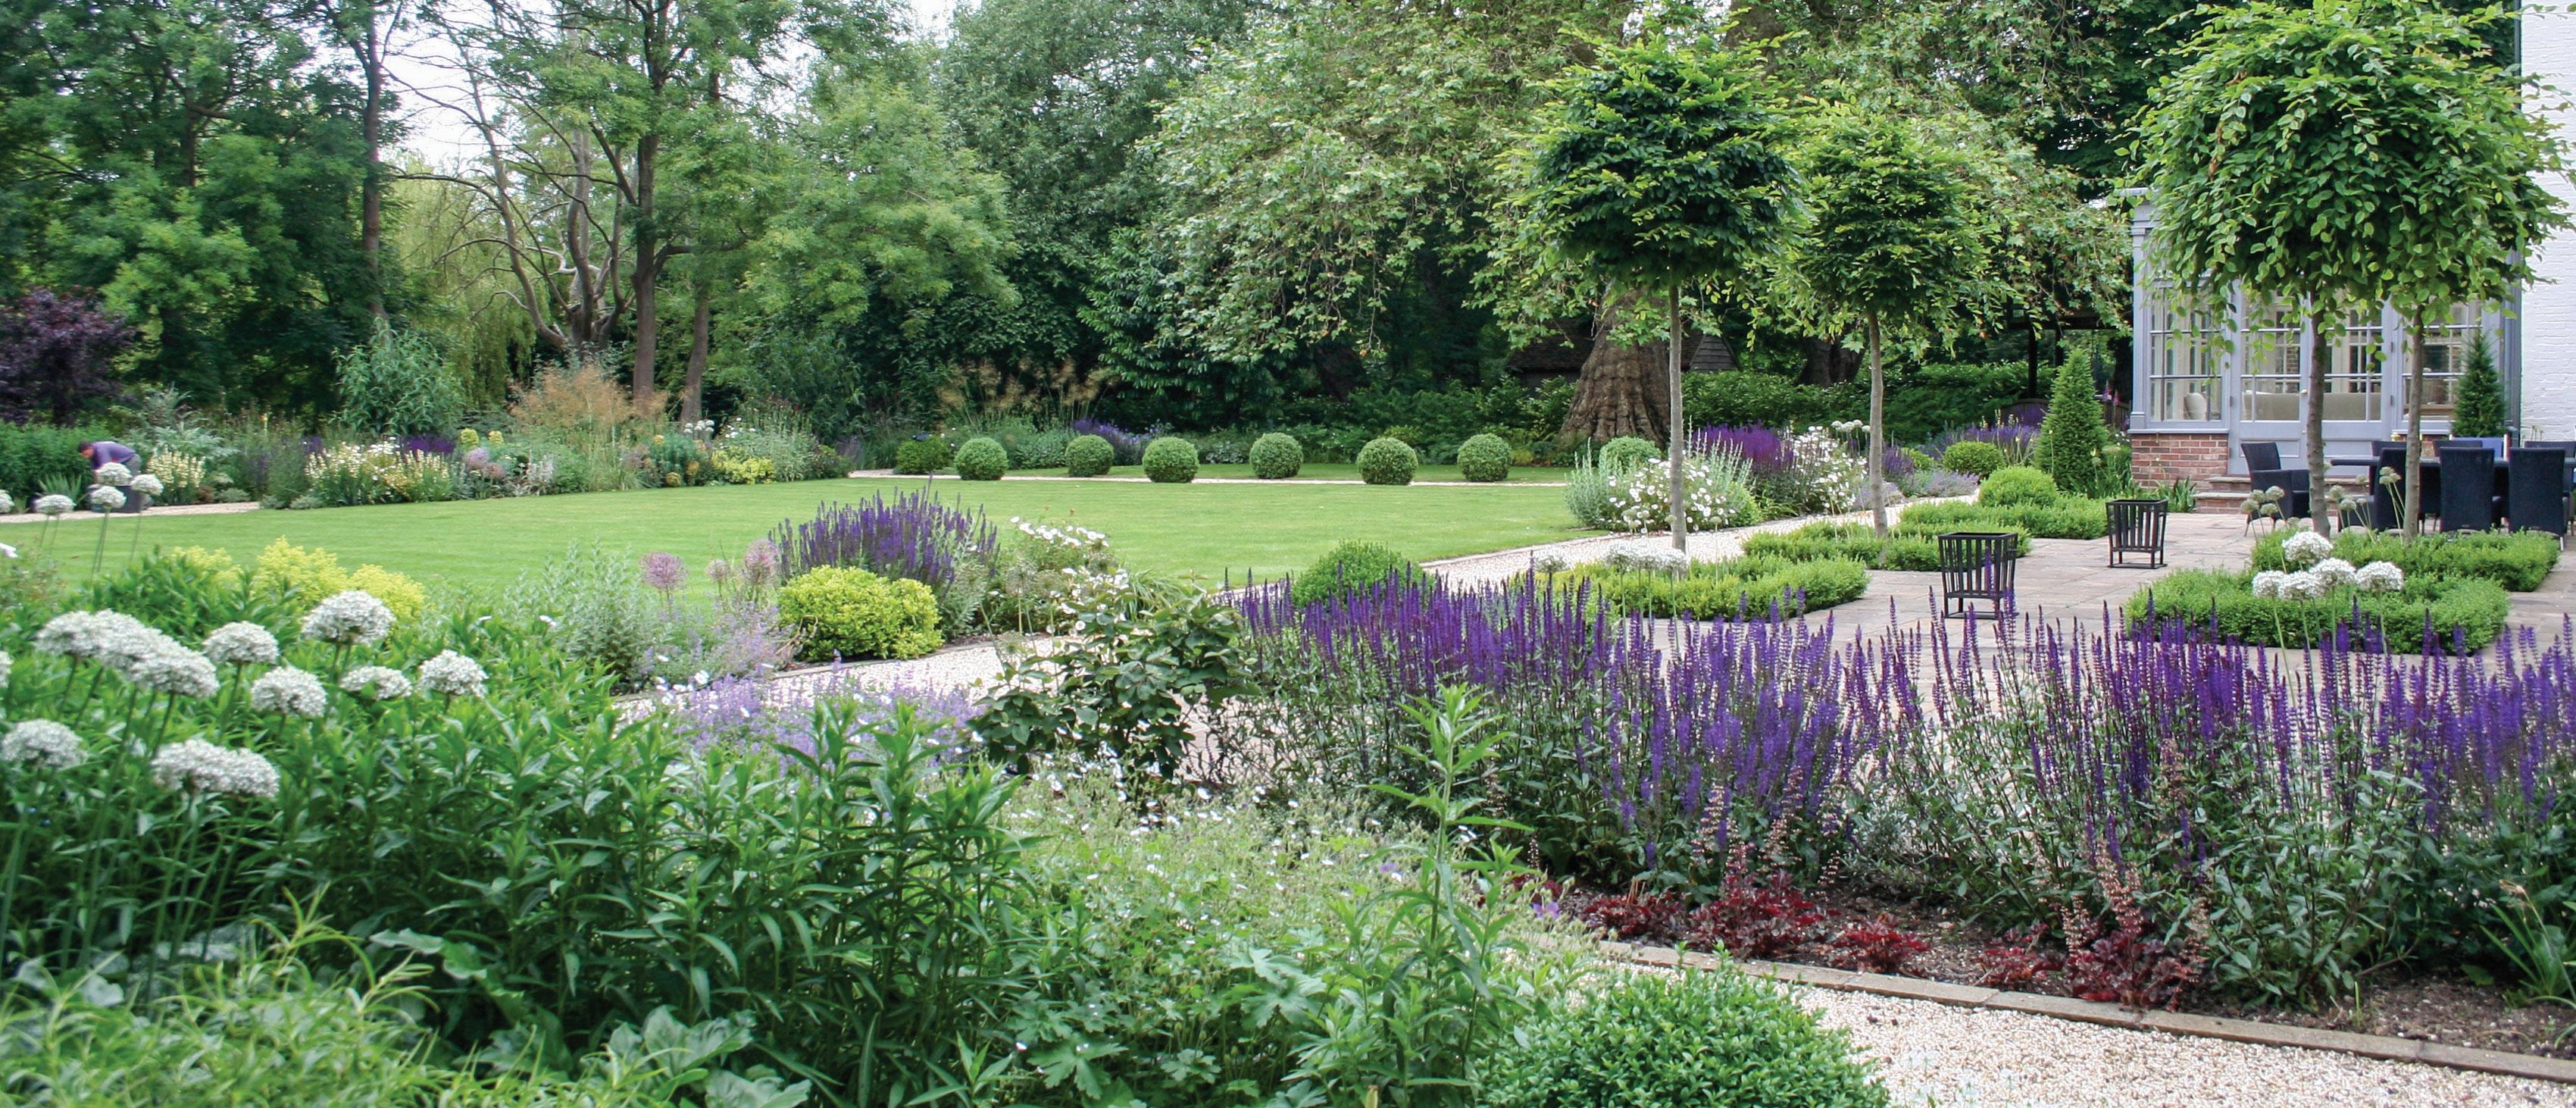 GardenDesignByJanetBligh